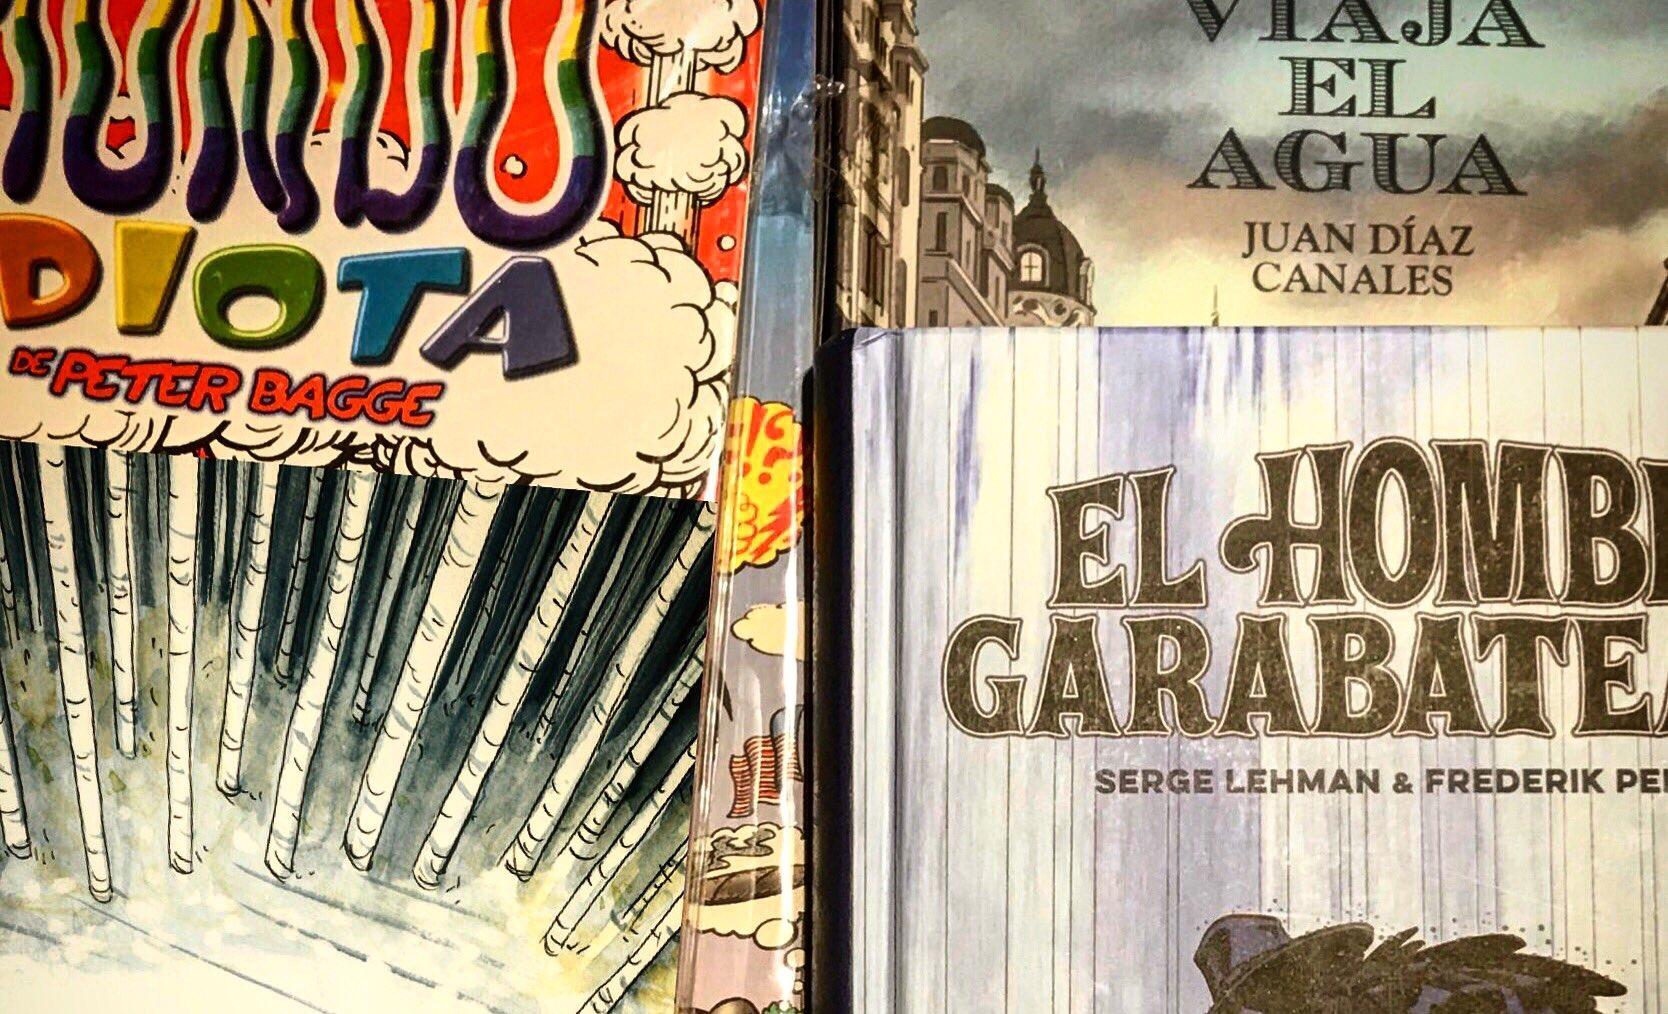 Podcast 010: Recomendaciones («Un tipo duro», «Como viaja el agua», «El hombre garabateado», «Mundo idiota»)